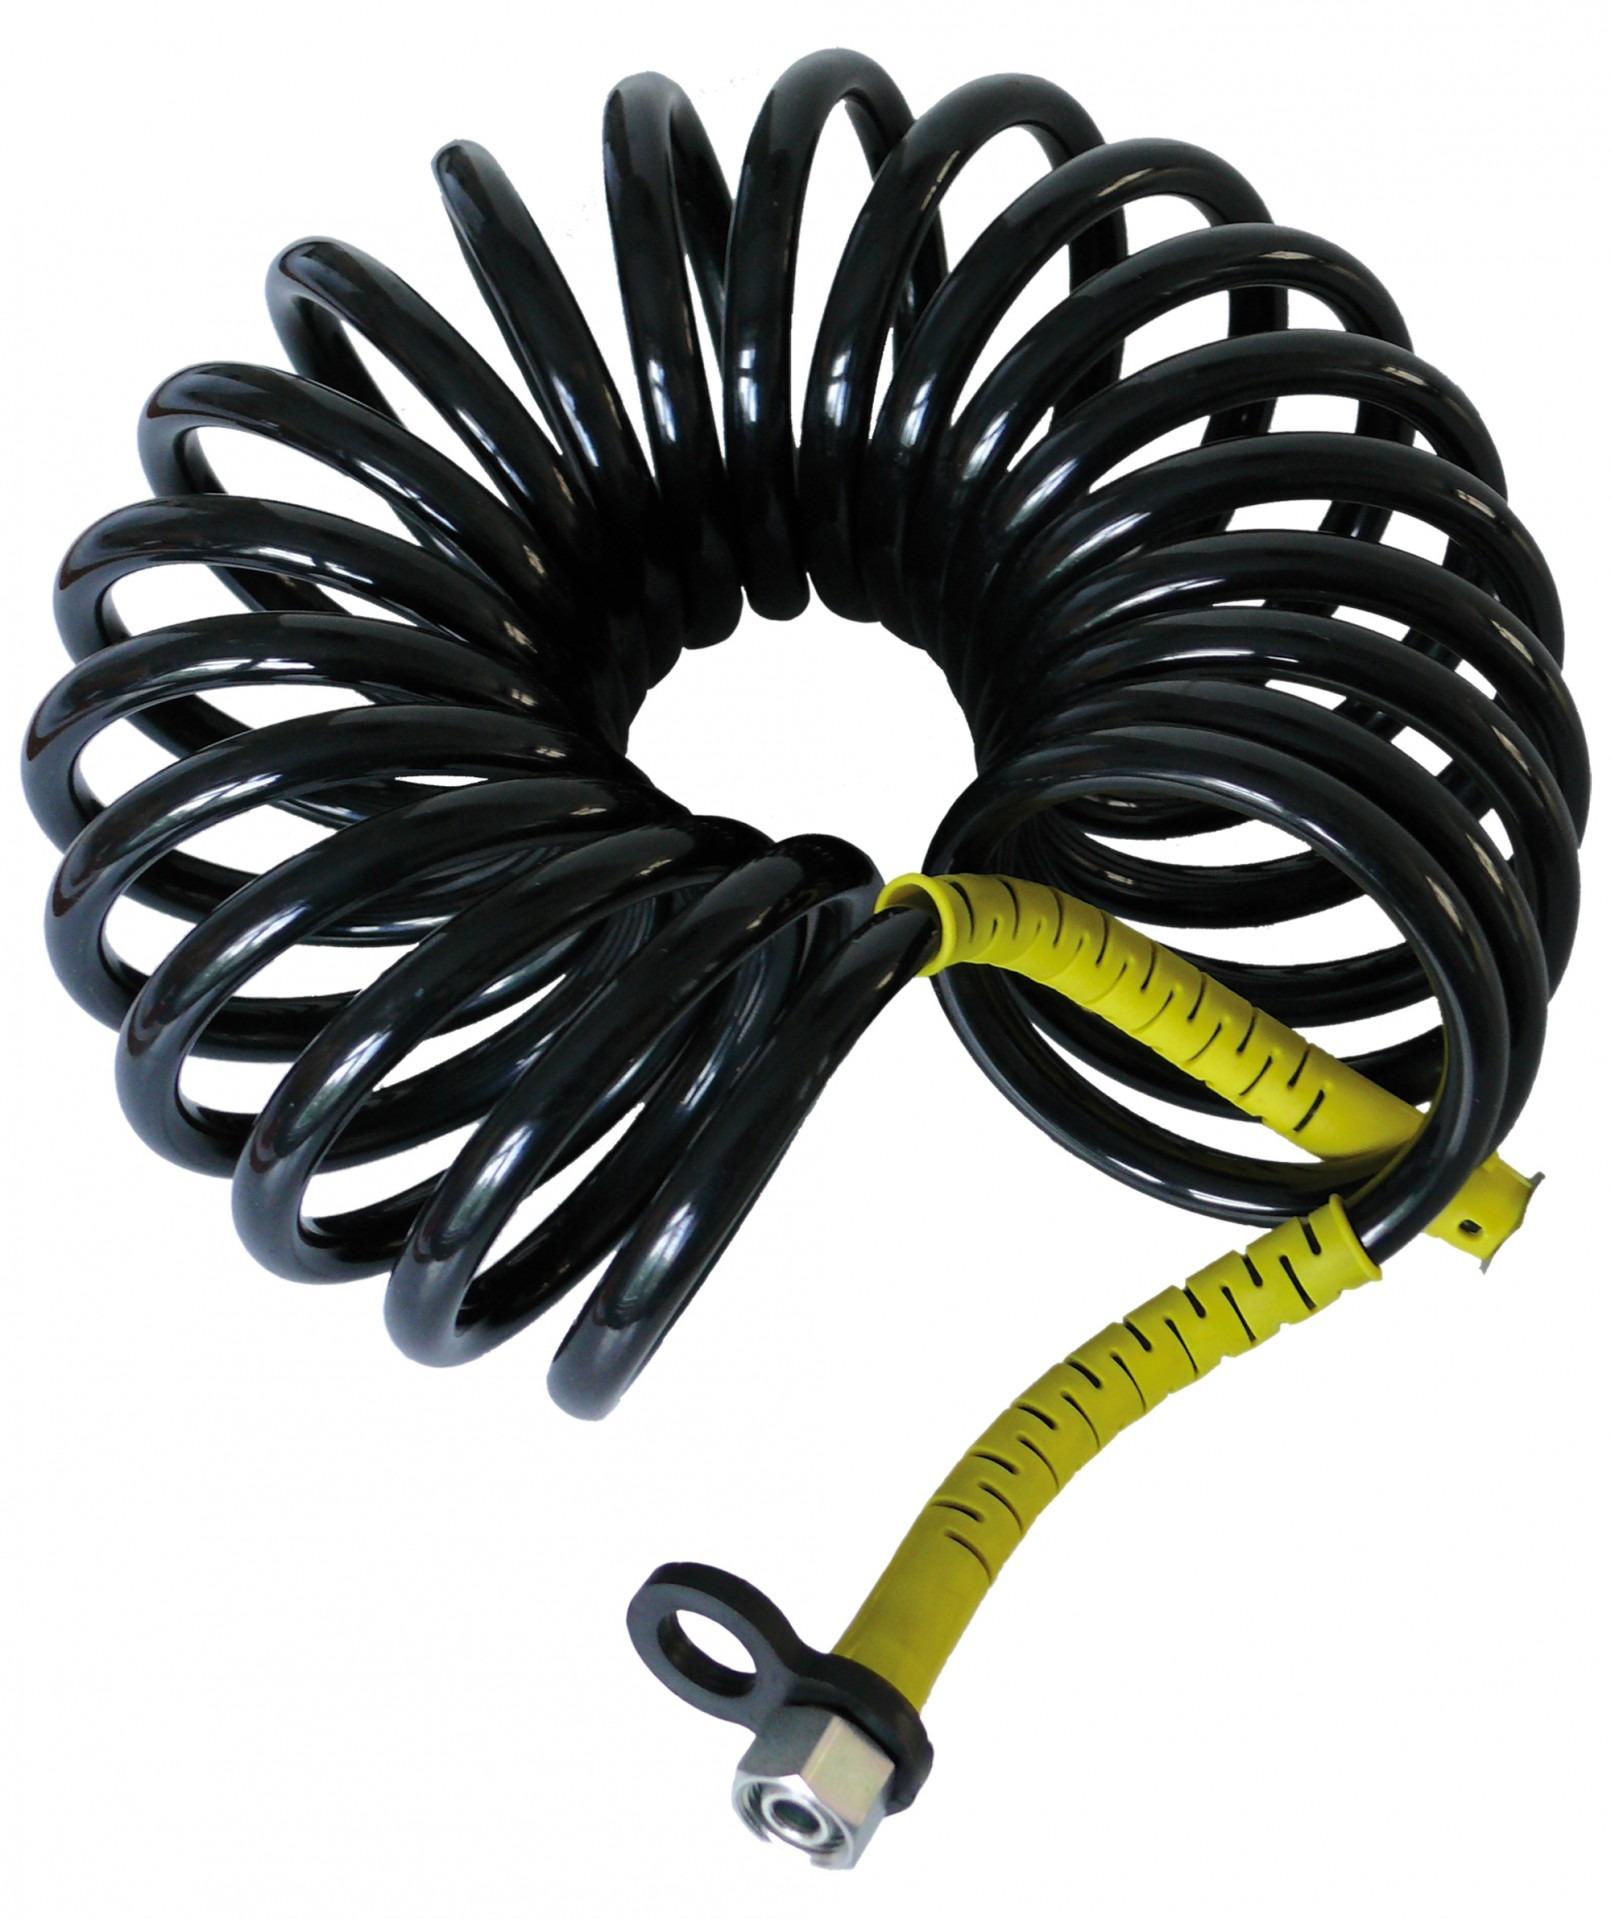 Kostenlose foto : Luft, Spiral-, Kabel, Draht, Linie, Ausrüstung ...